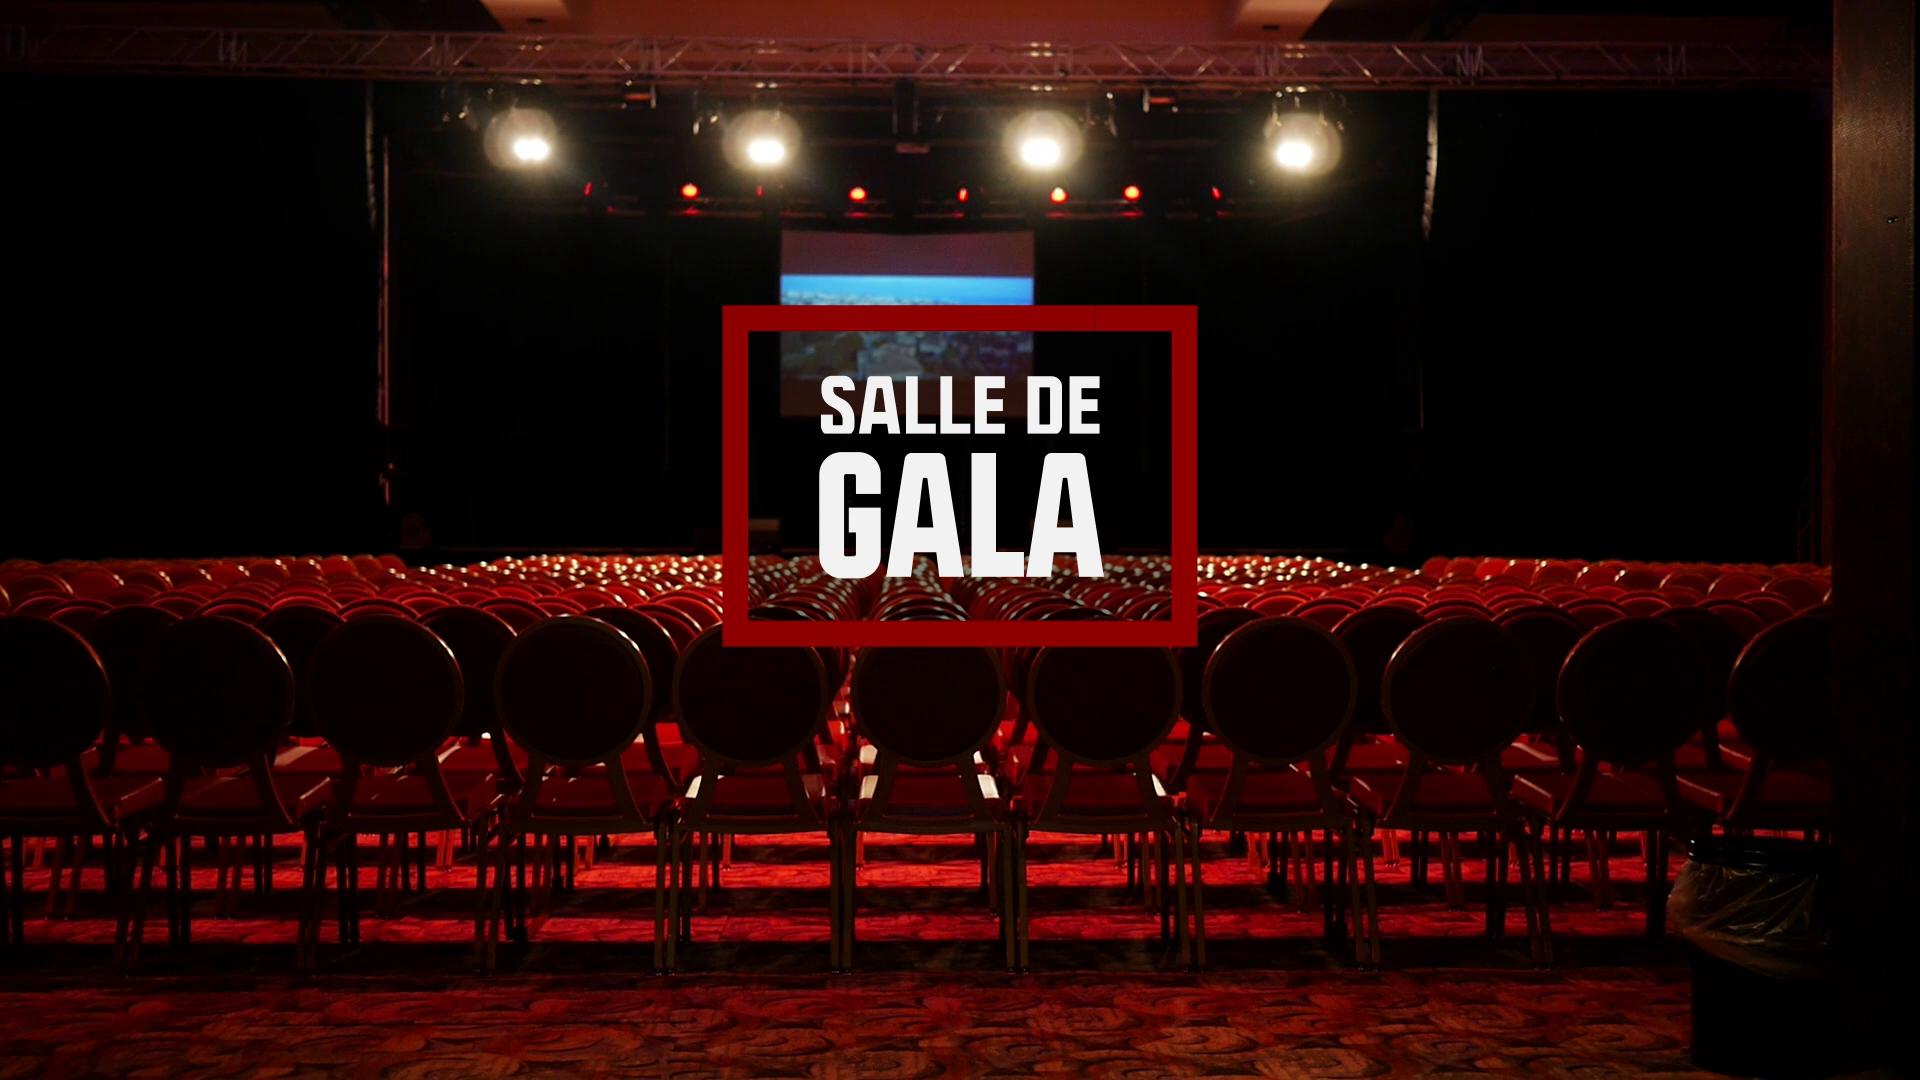 La salle de gala du Casino Terrazur de Cagnes-sur-mer